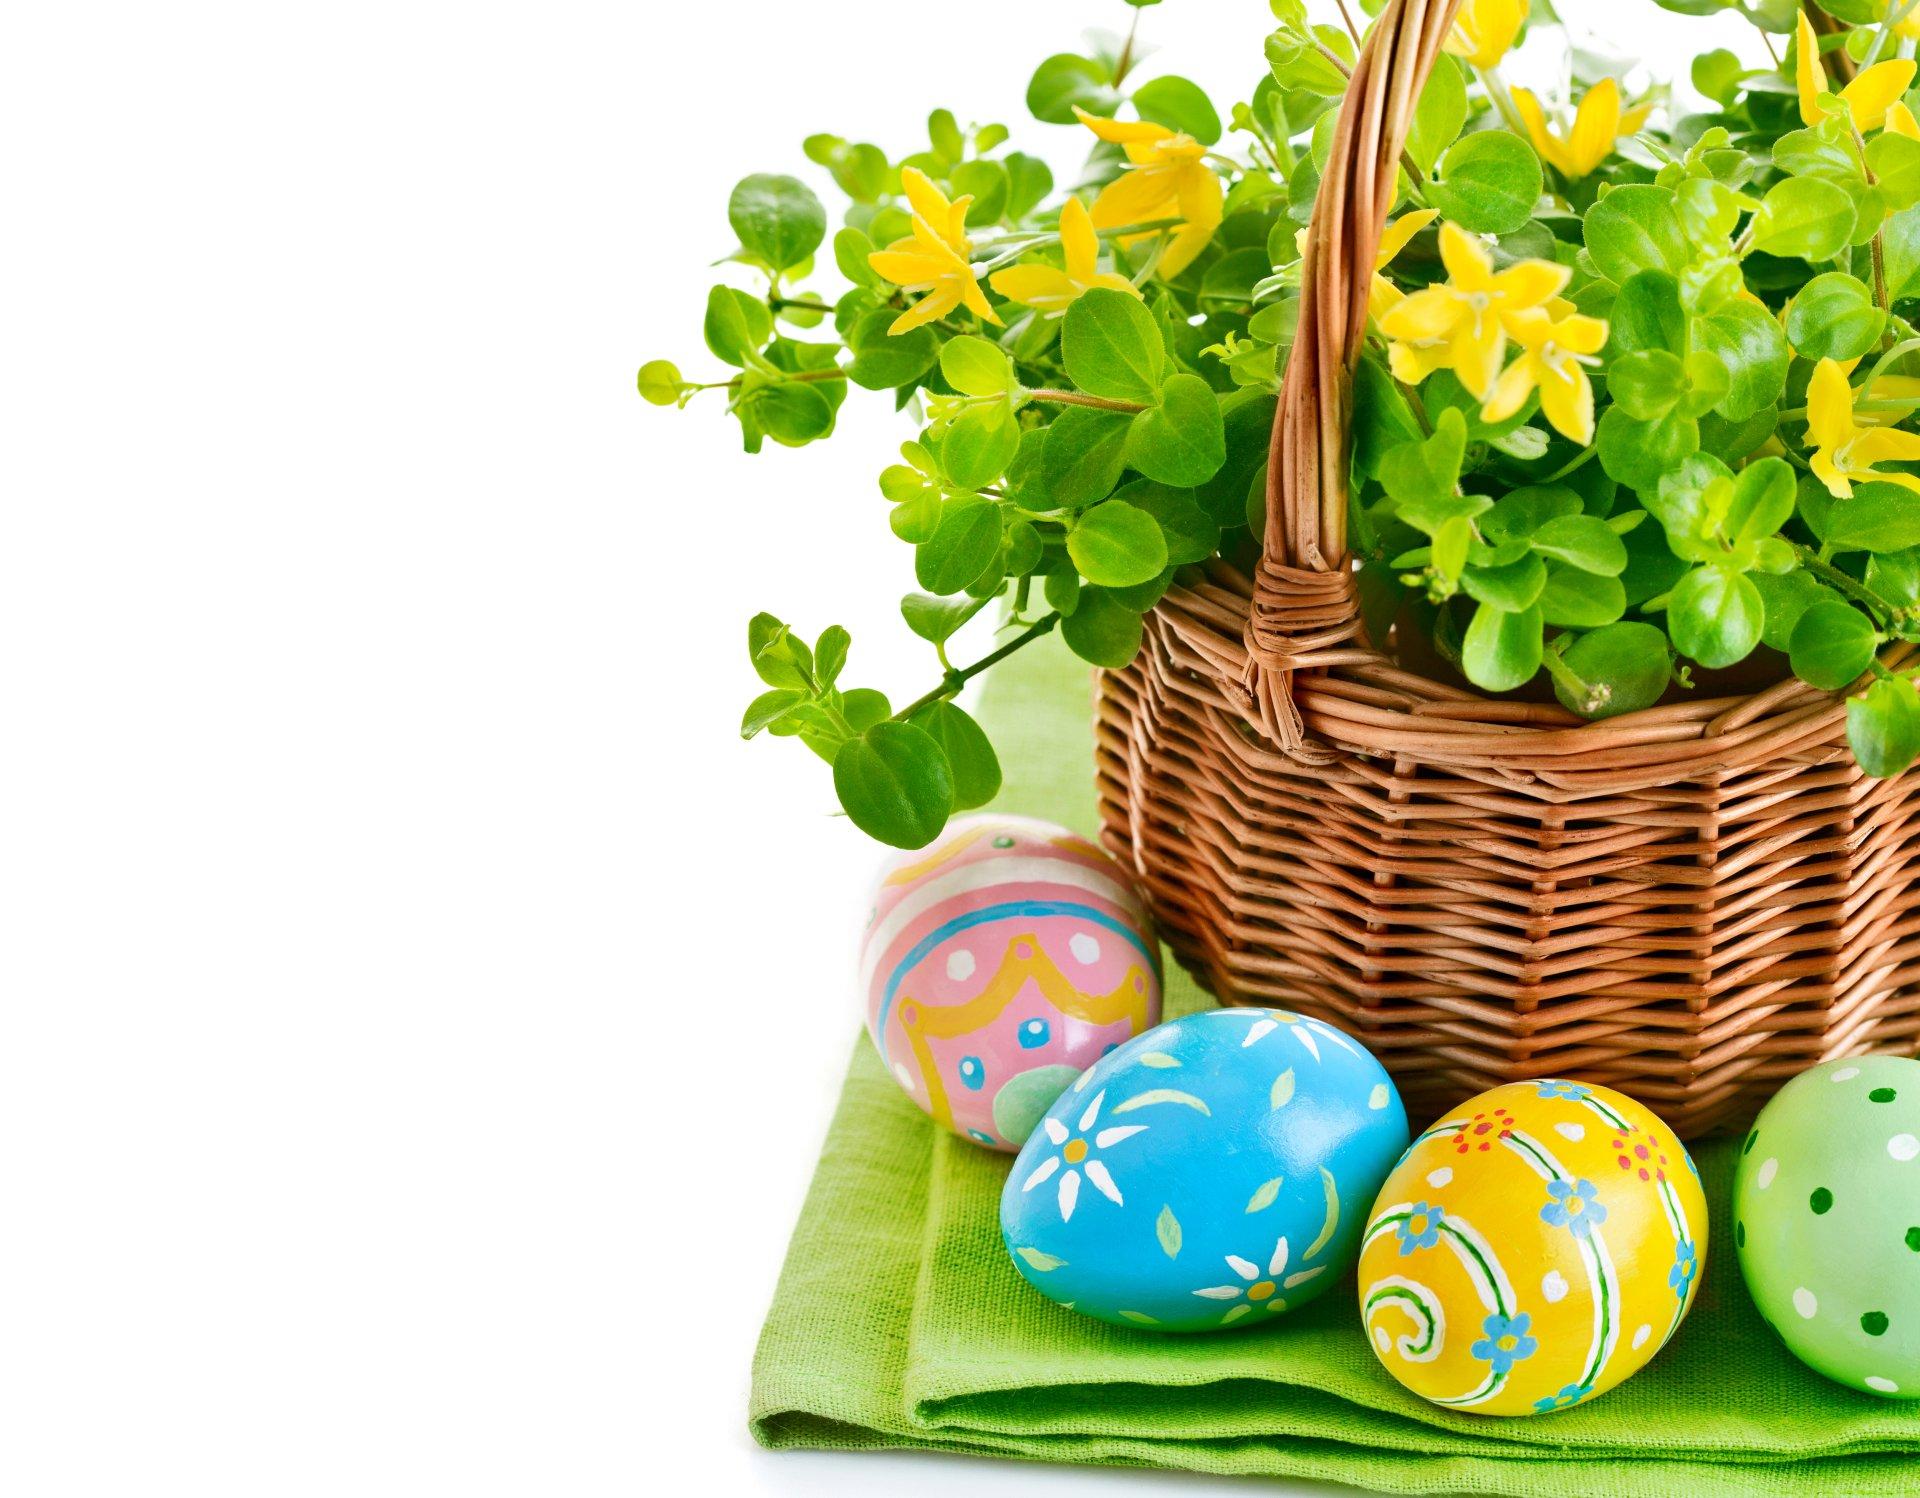 Holiday - Easter  Holiday Flower Basket Egg Easter Egg Colors Wallpaper